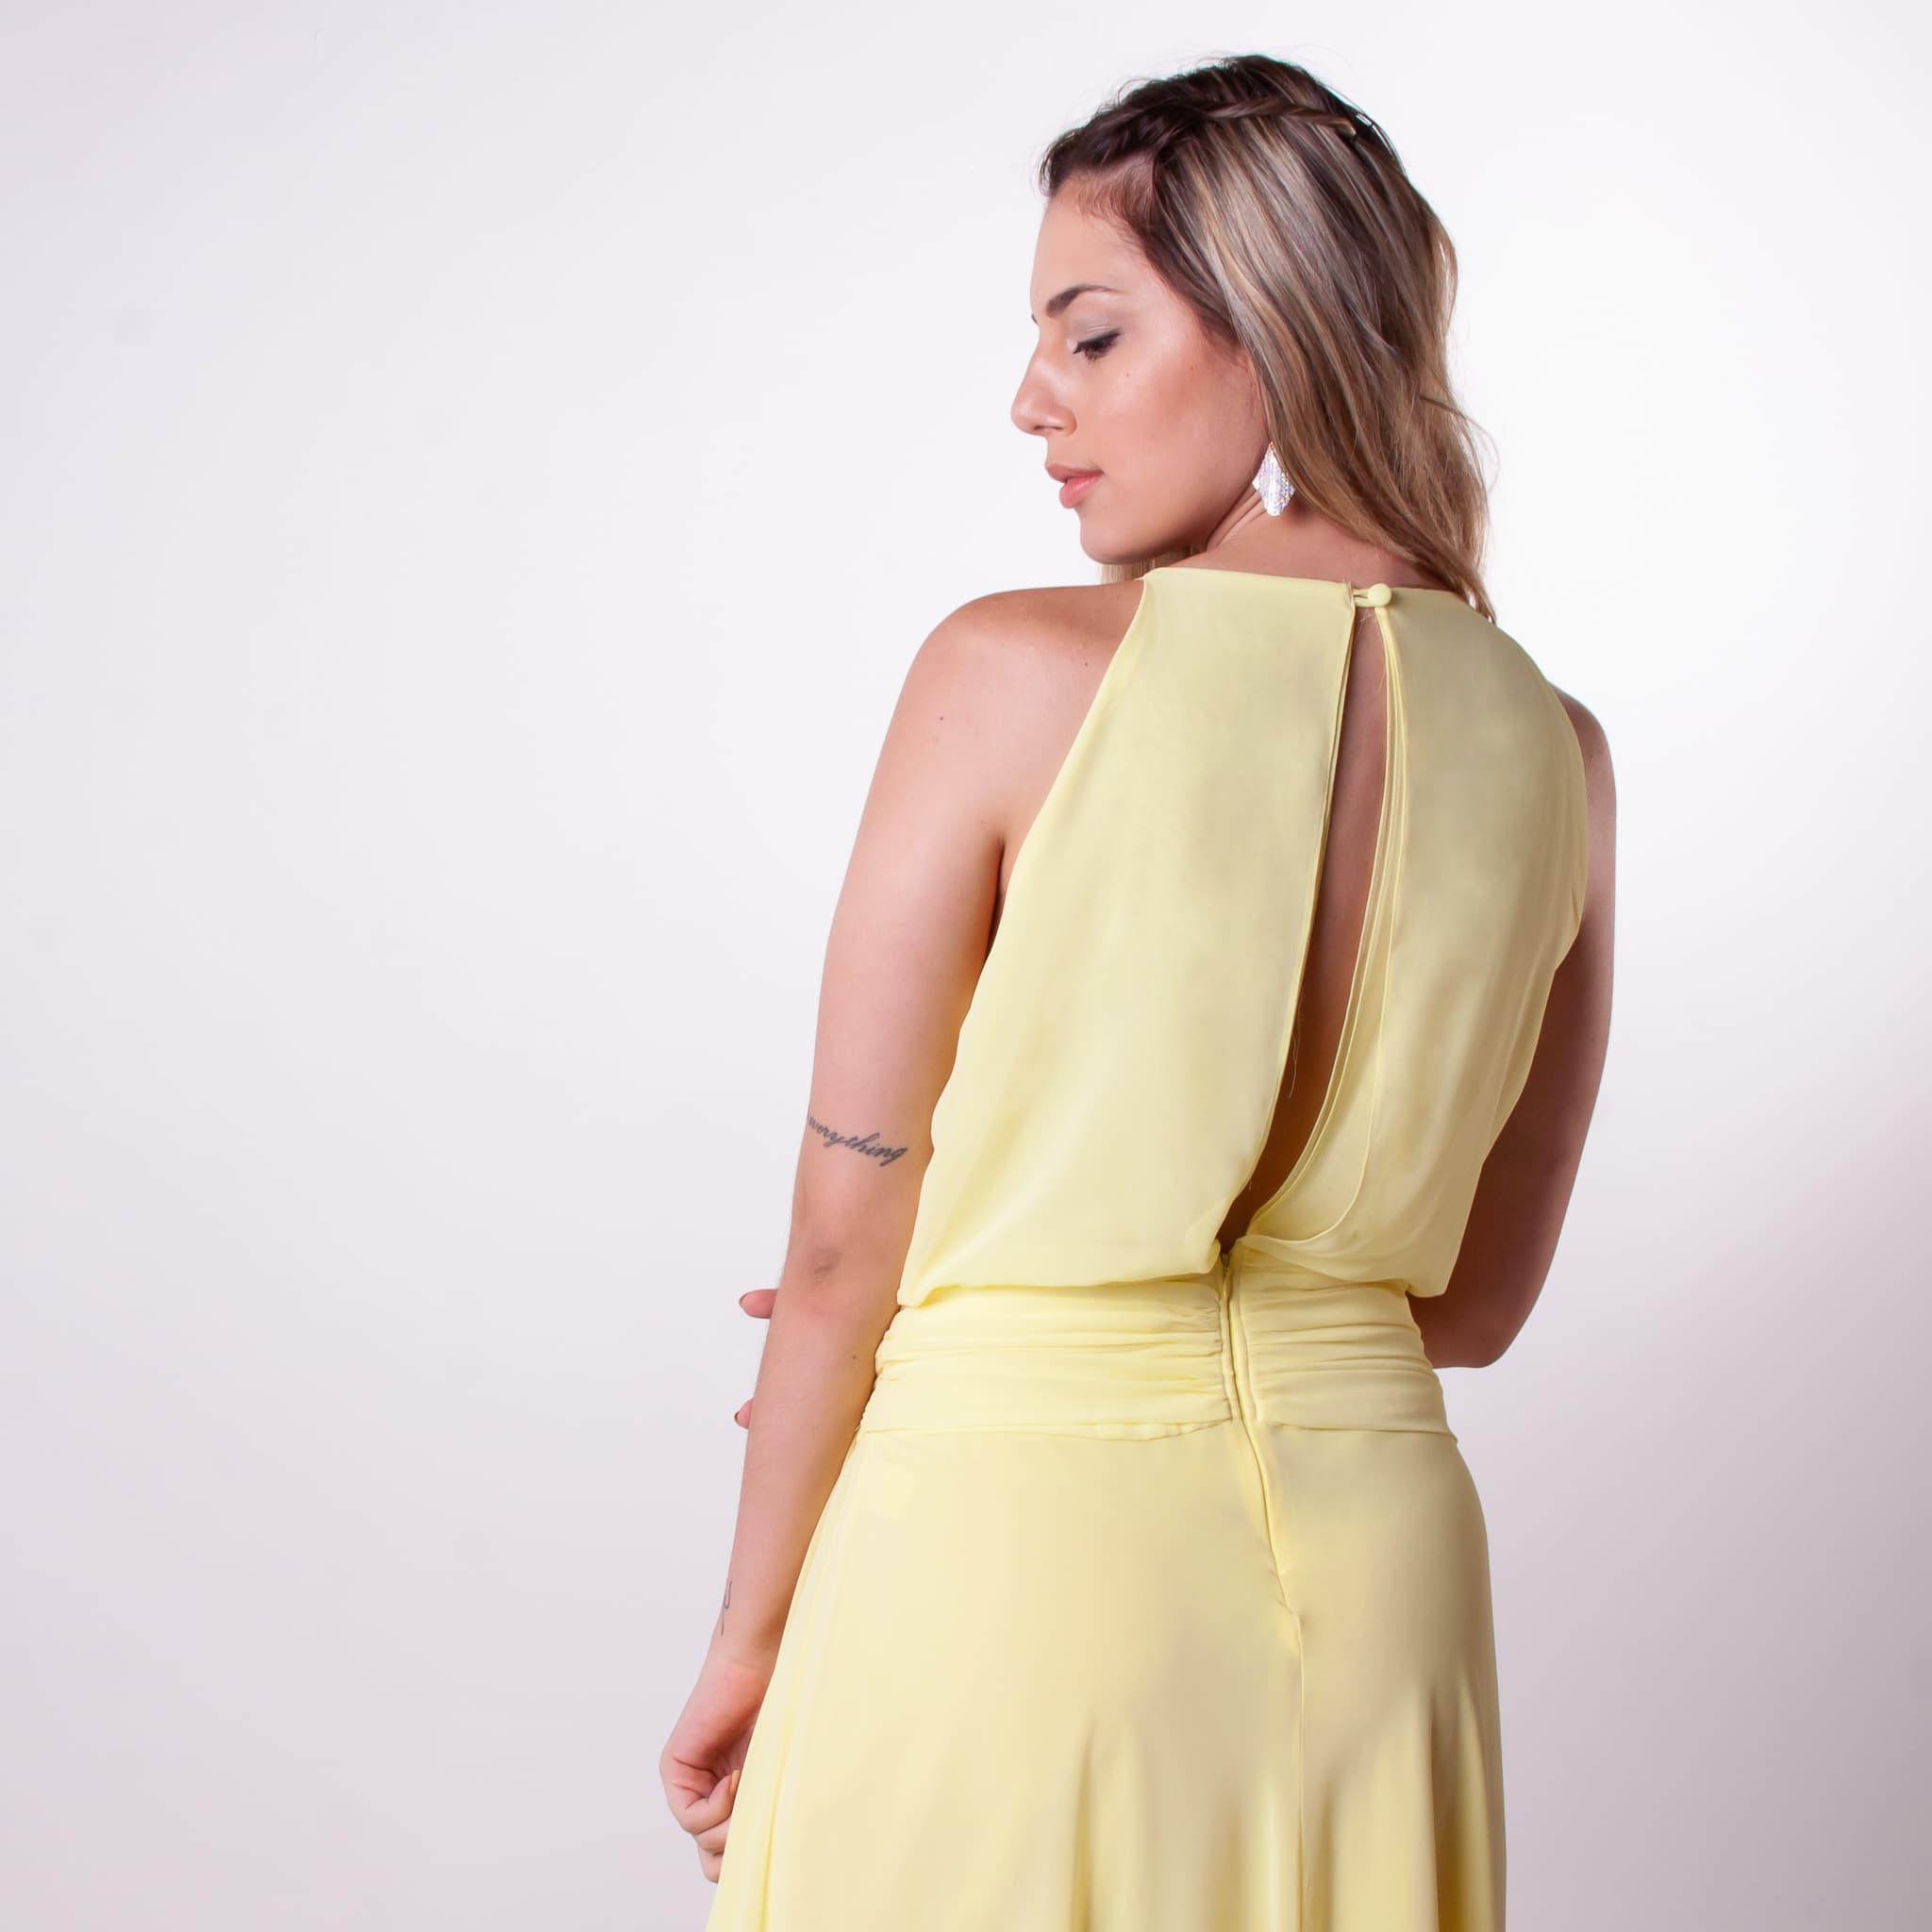 2 - Vestido amarelo fluido detalhe costas